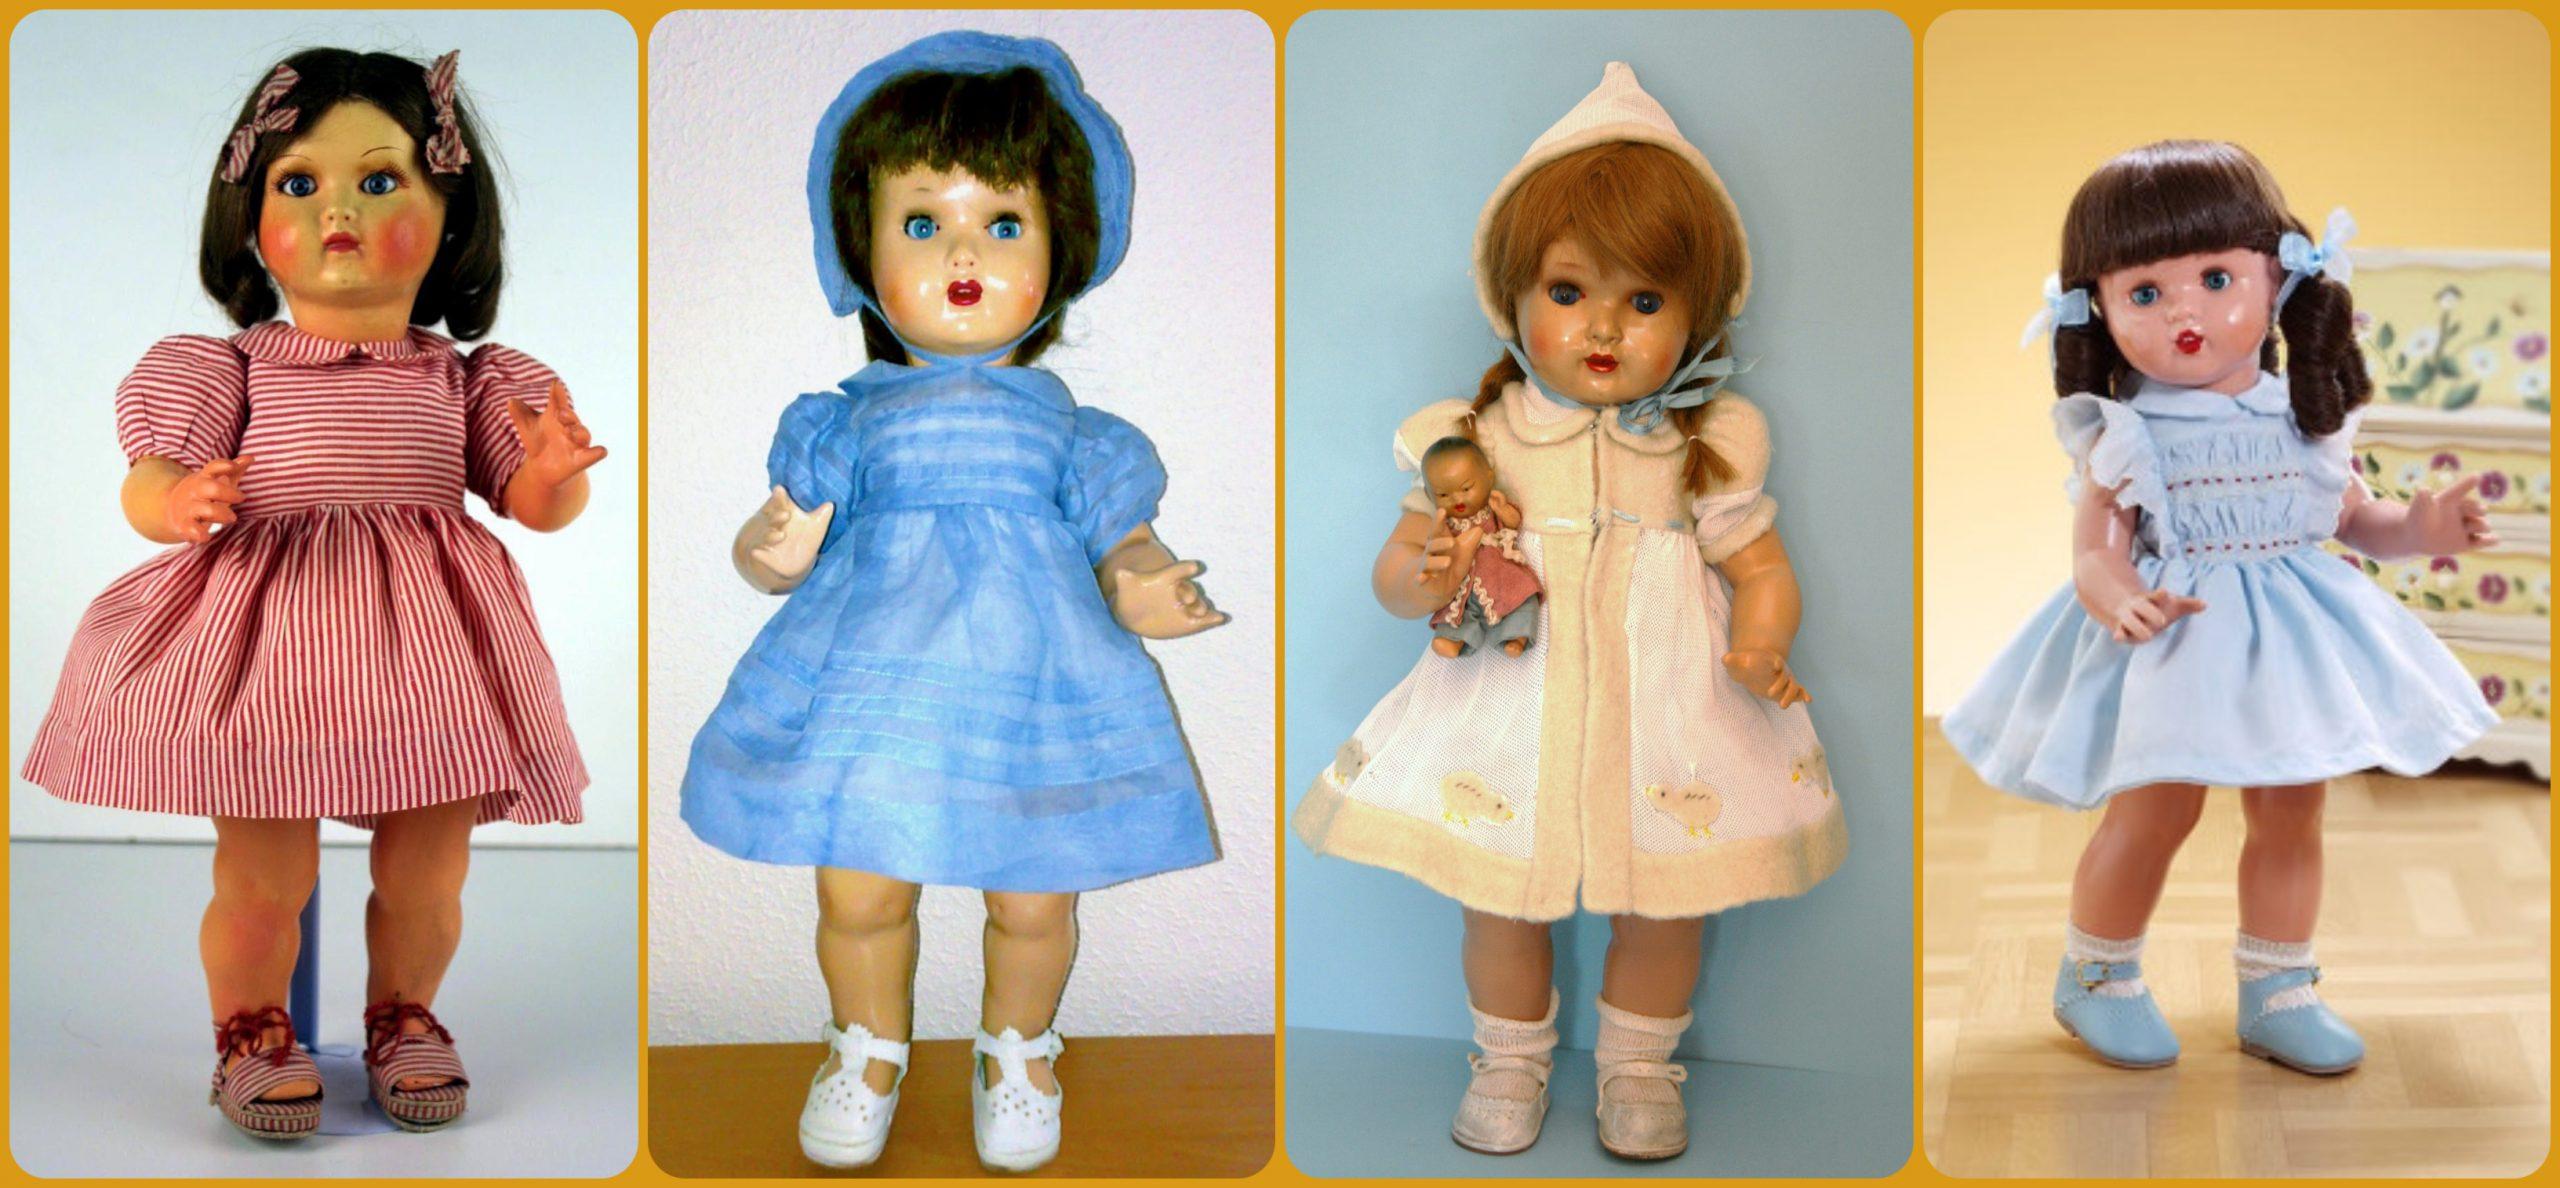 Qué fue de la muñeca Mariquita Pérez? Su historia y su contexto